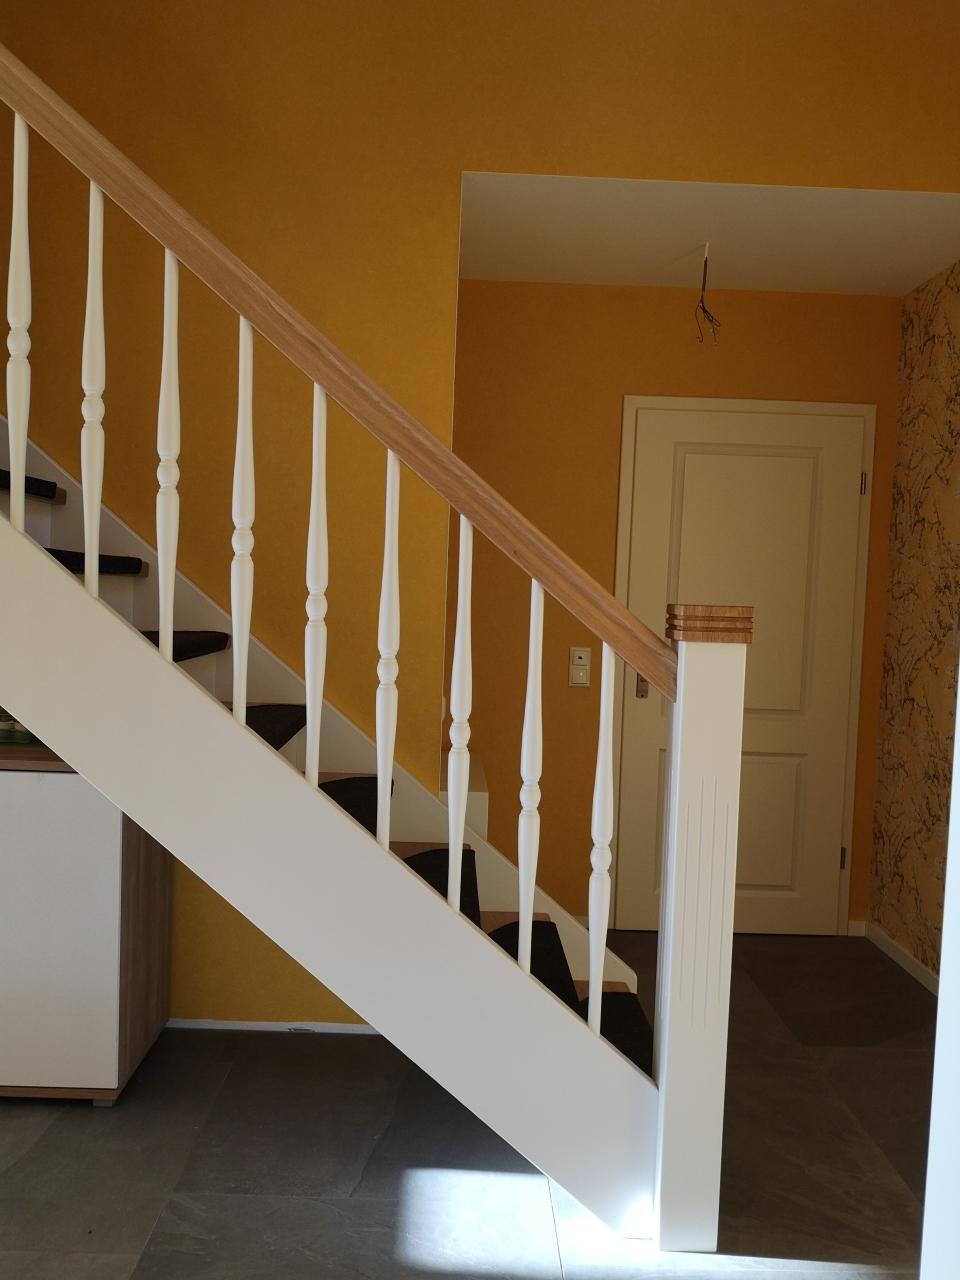 In welchem Neubau finden Sie noch solch eine Treppe?